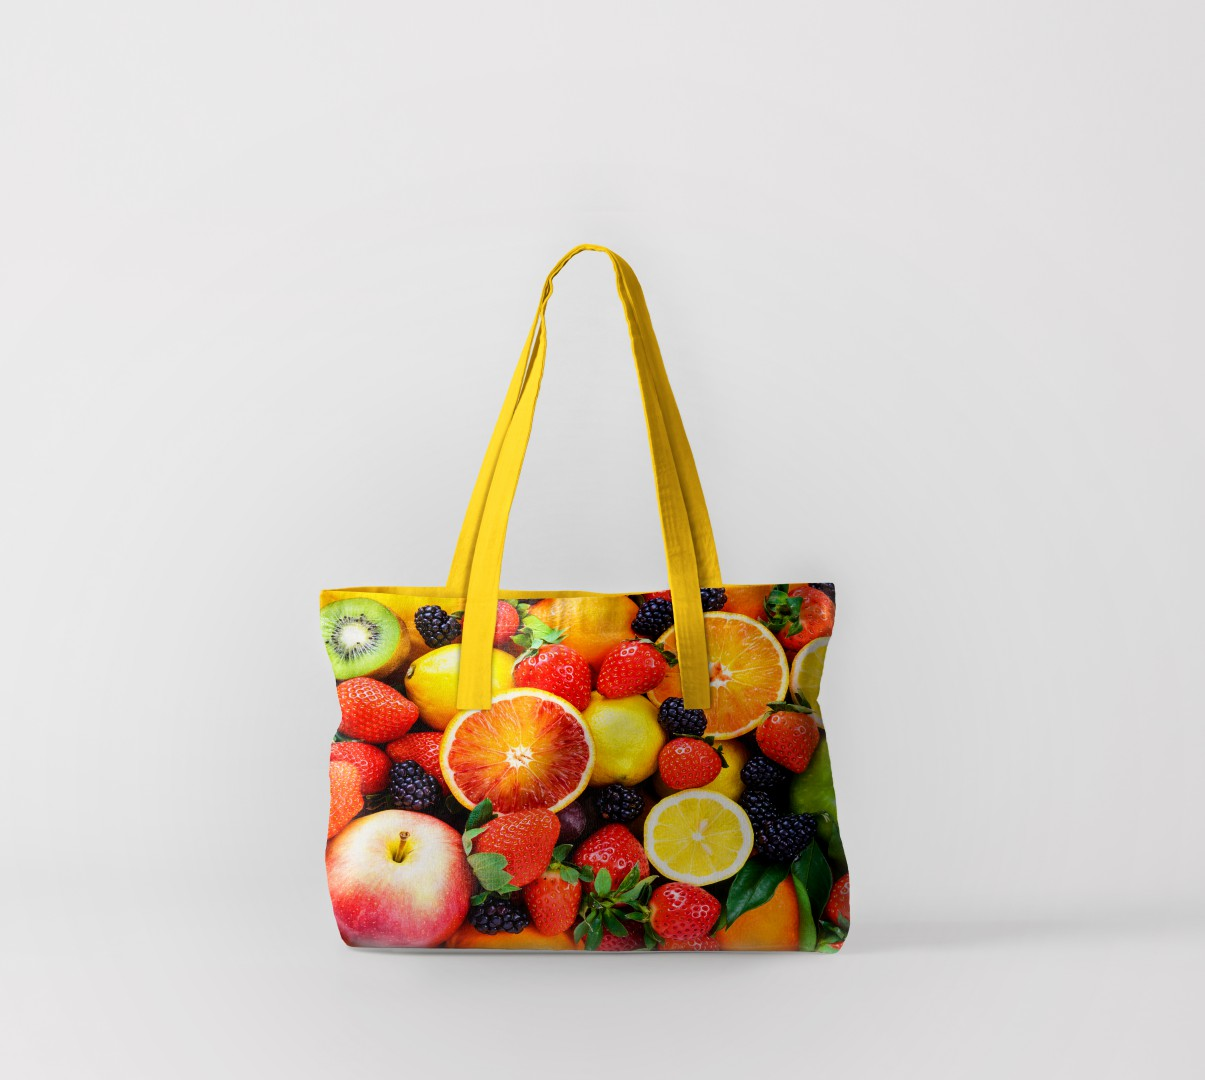 Пляжная сумка Фруктовое утро (50х40 см) Олимп Текстиль oli732608